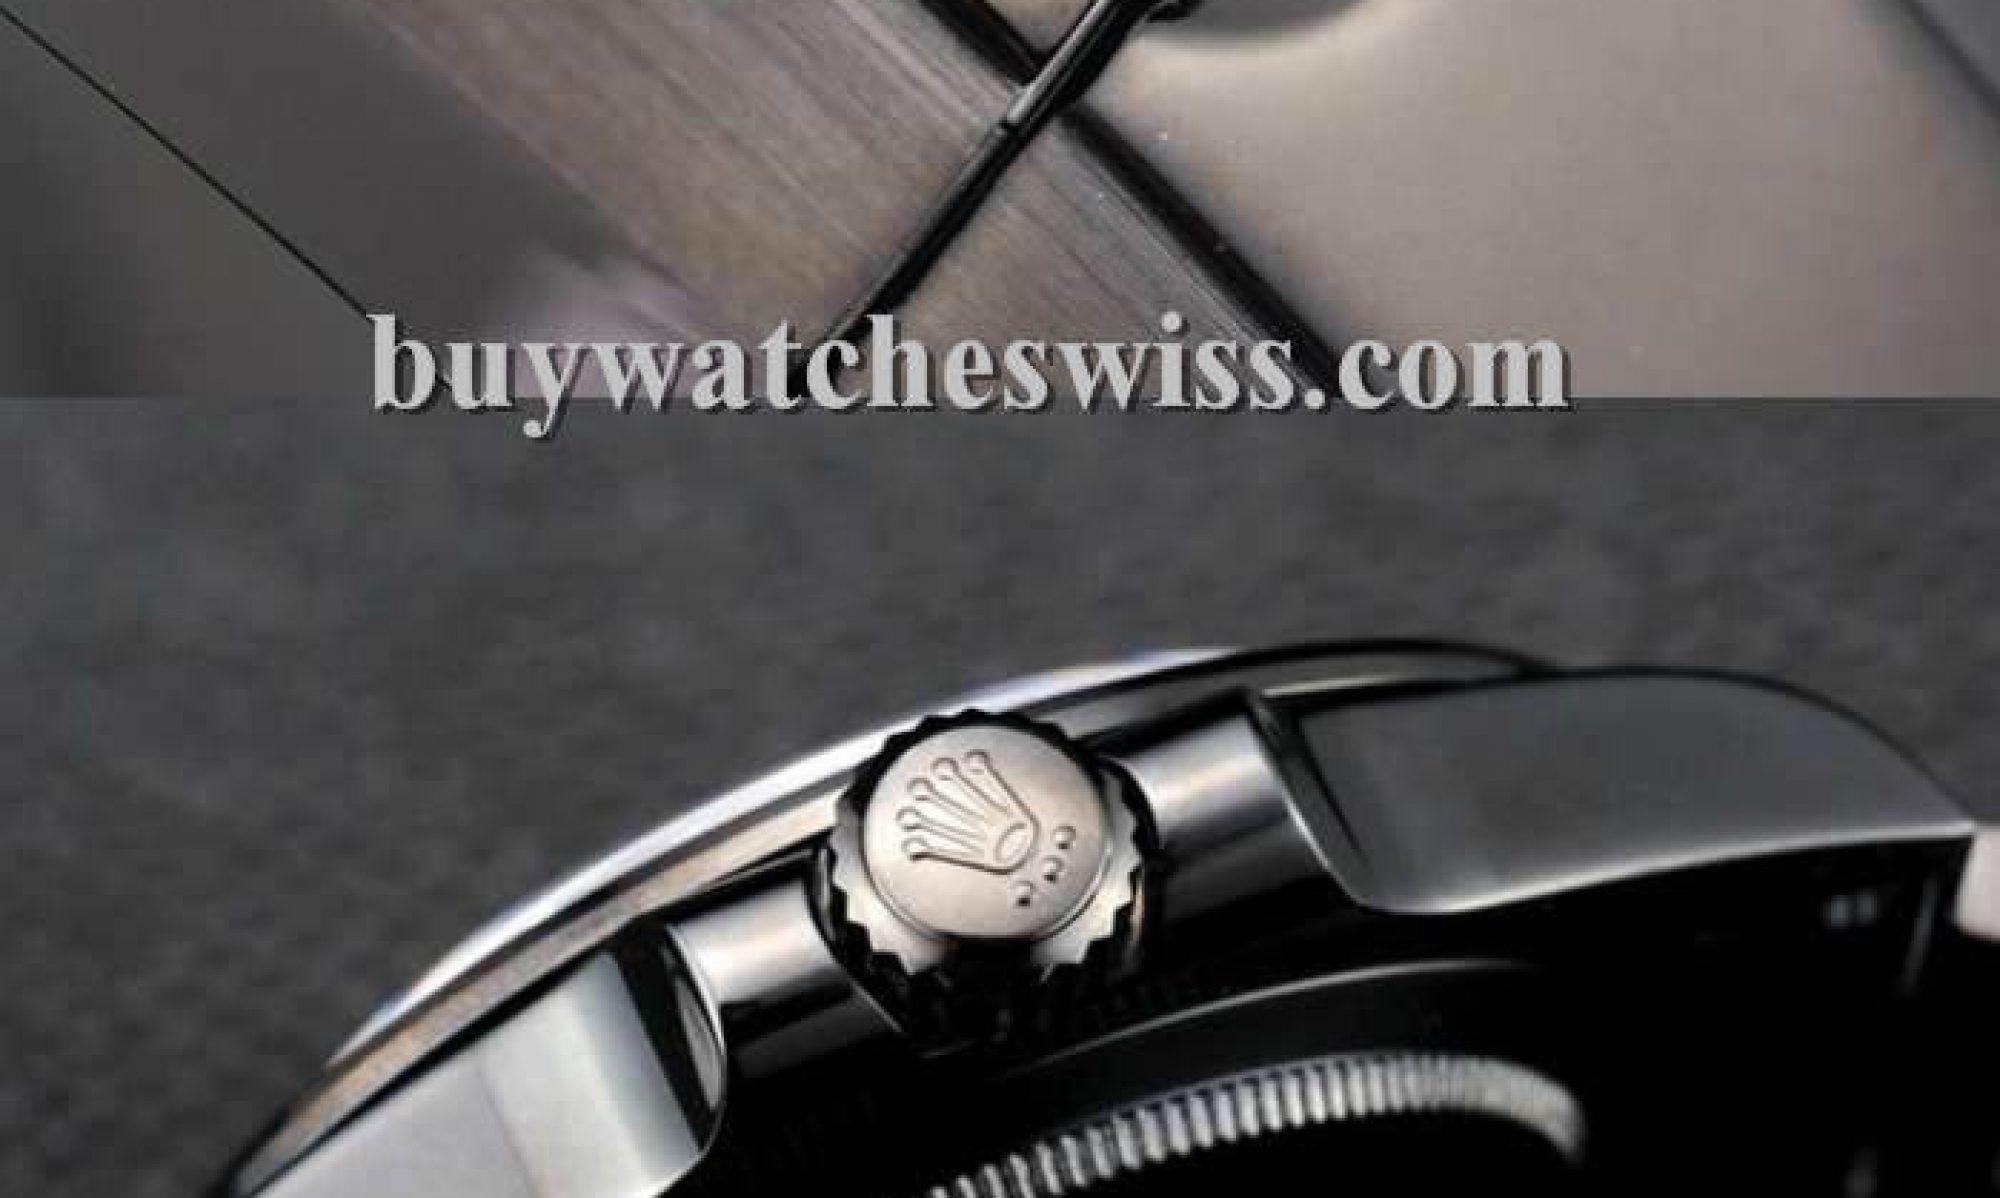 лучший сайт копии часов,реплики часов онлайн